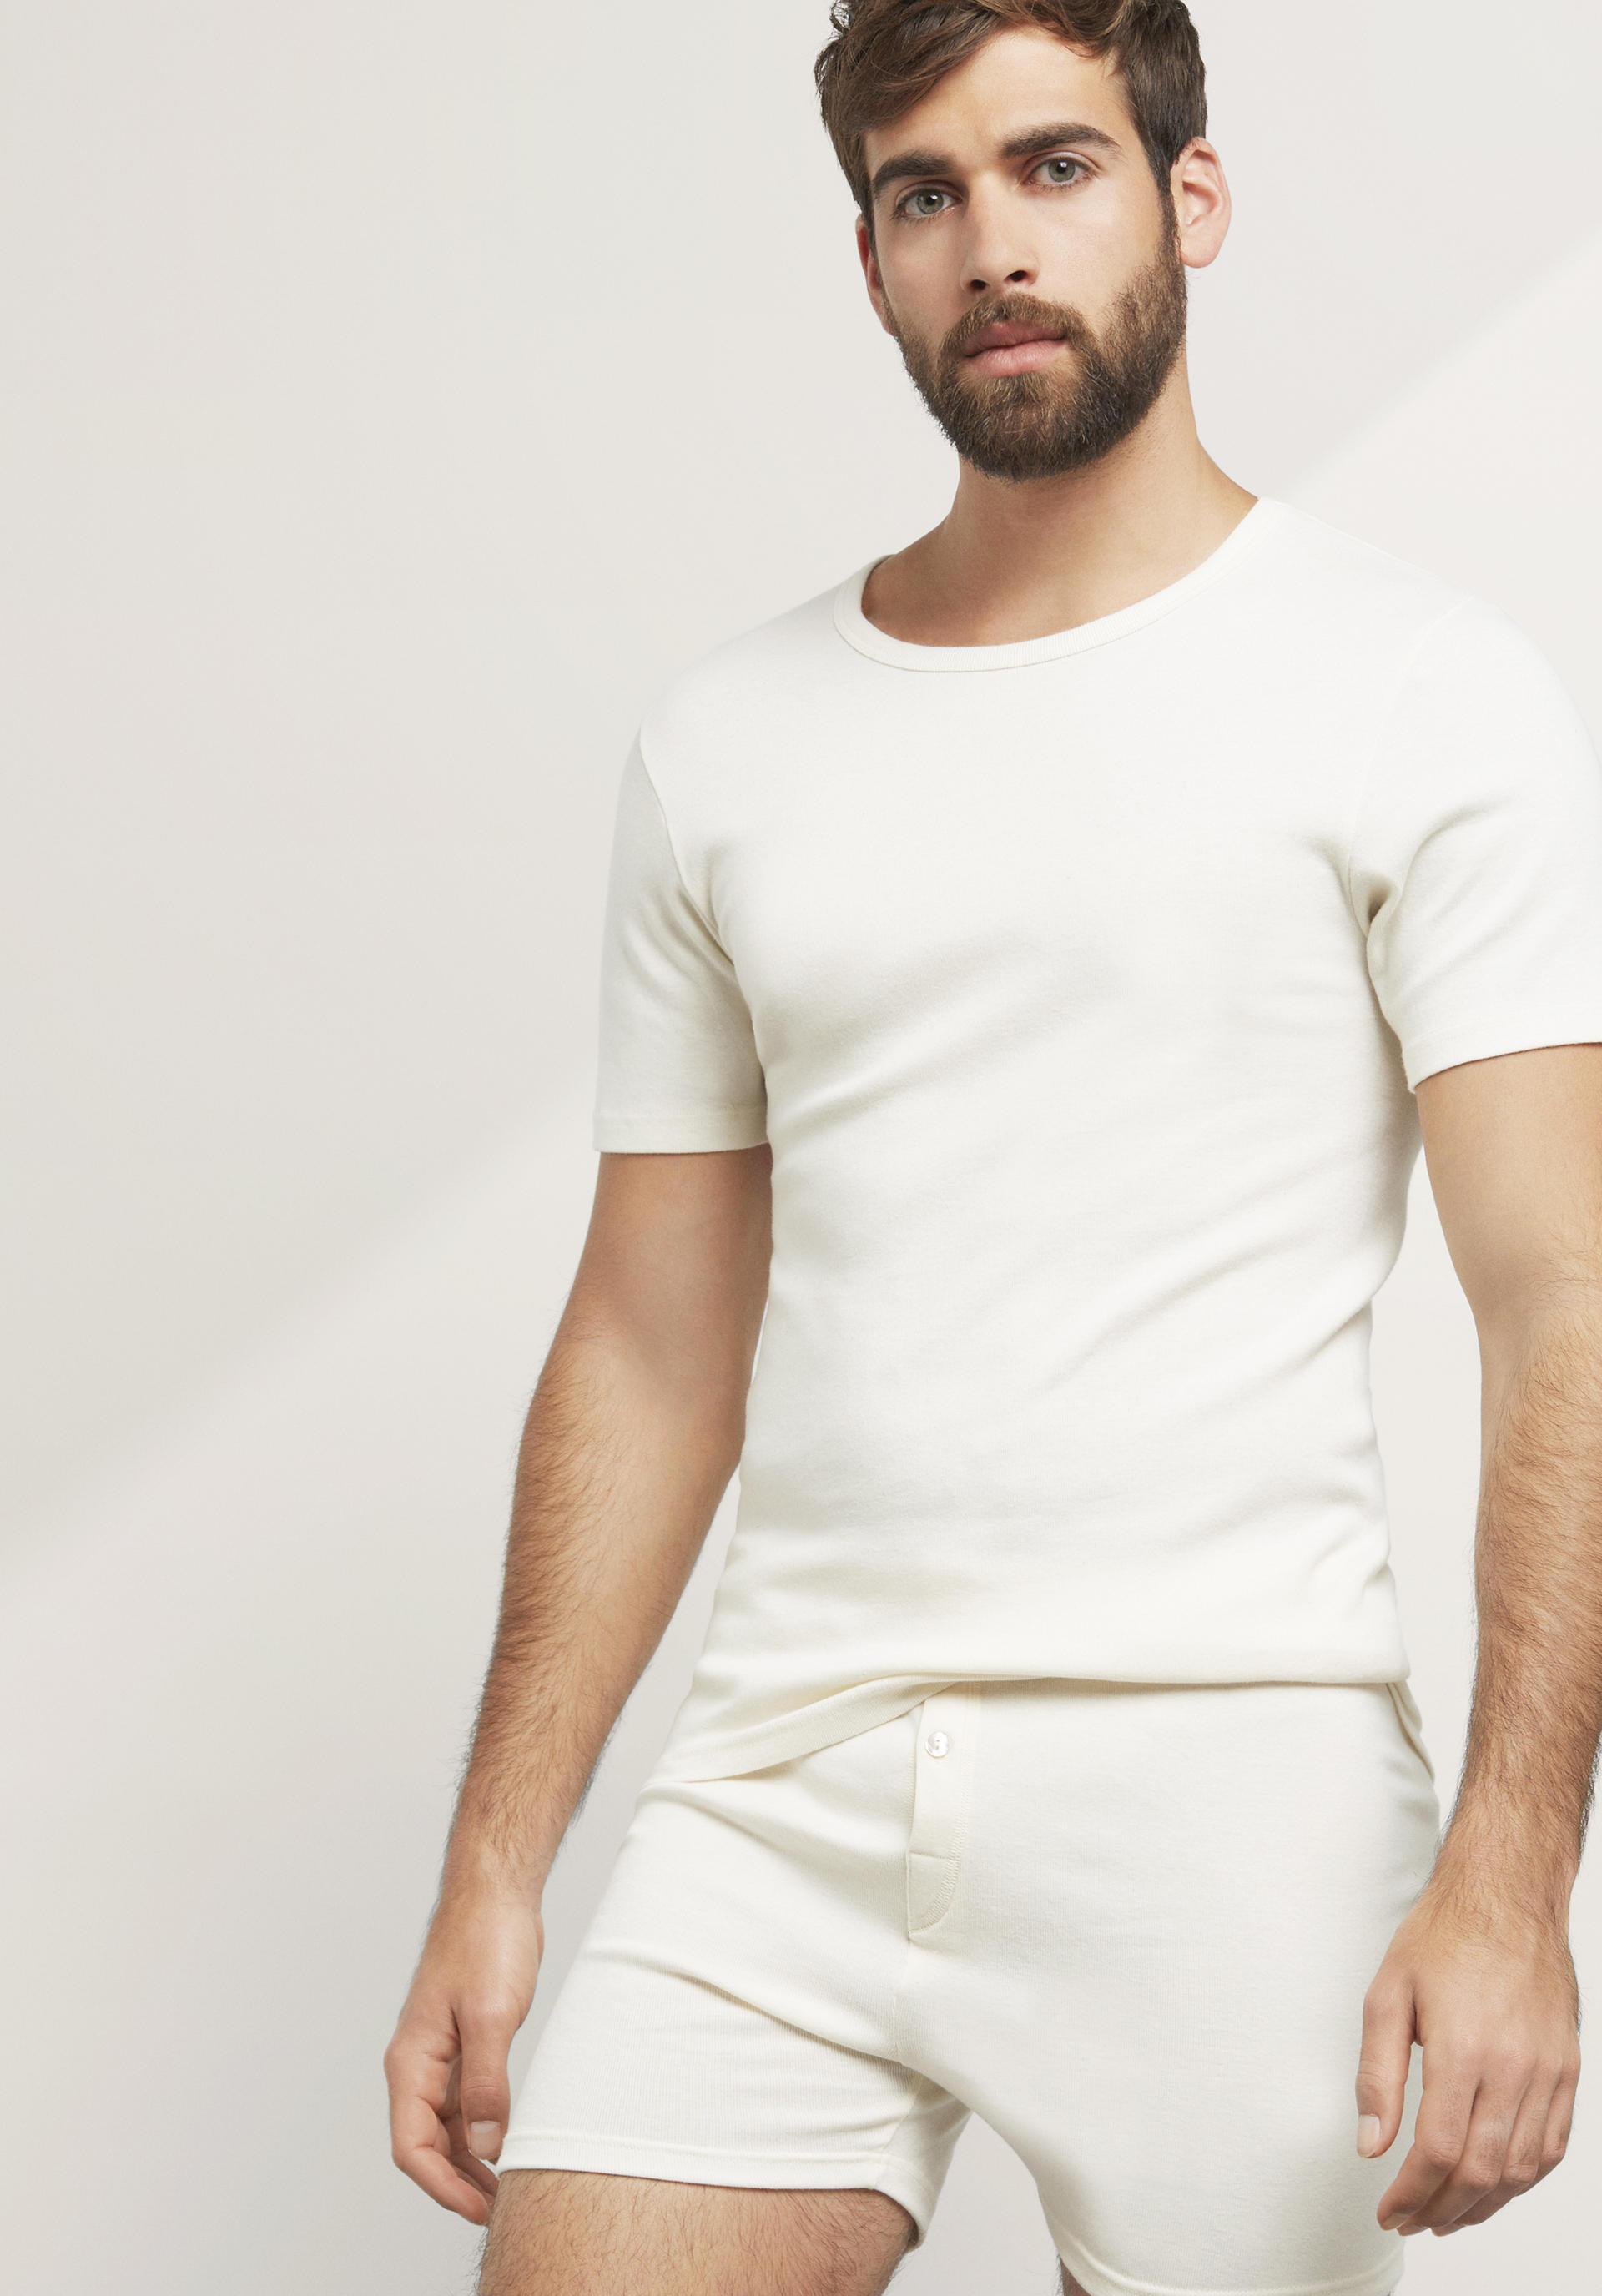 46c635914dd3e7 Herren T-Shirt PureNATURE aus reiner Bio-Baumwolle - hessnatur ...